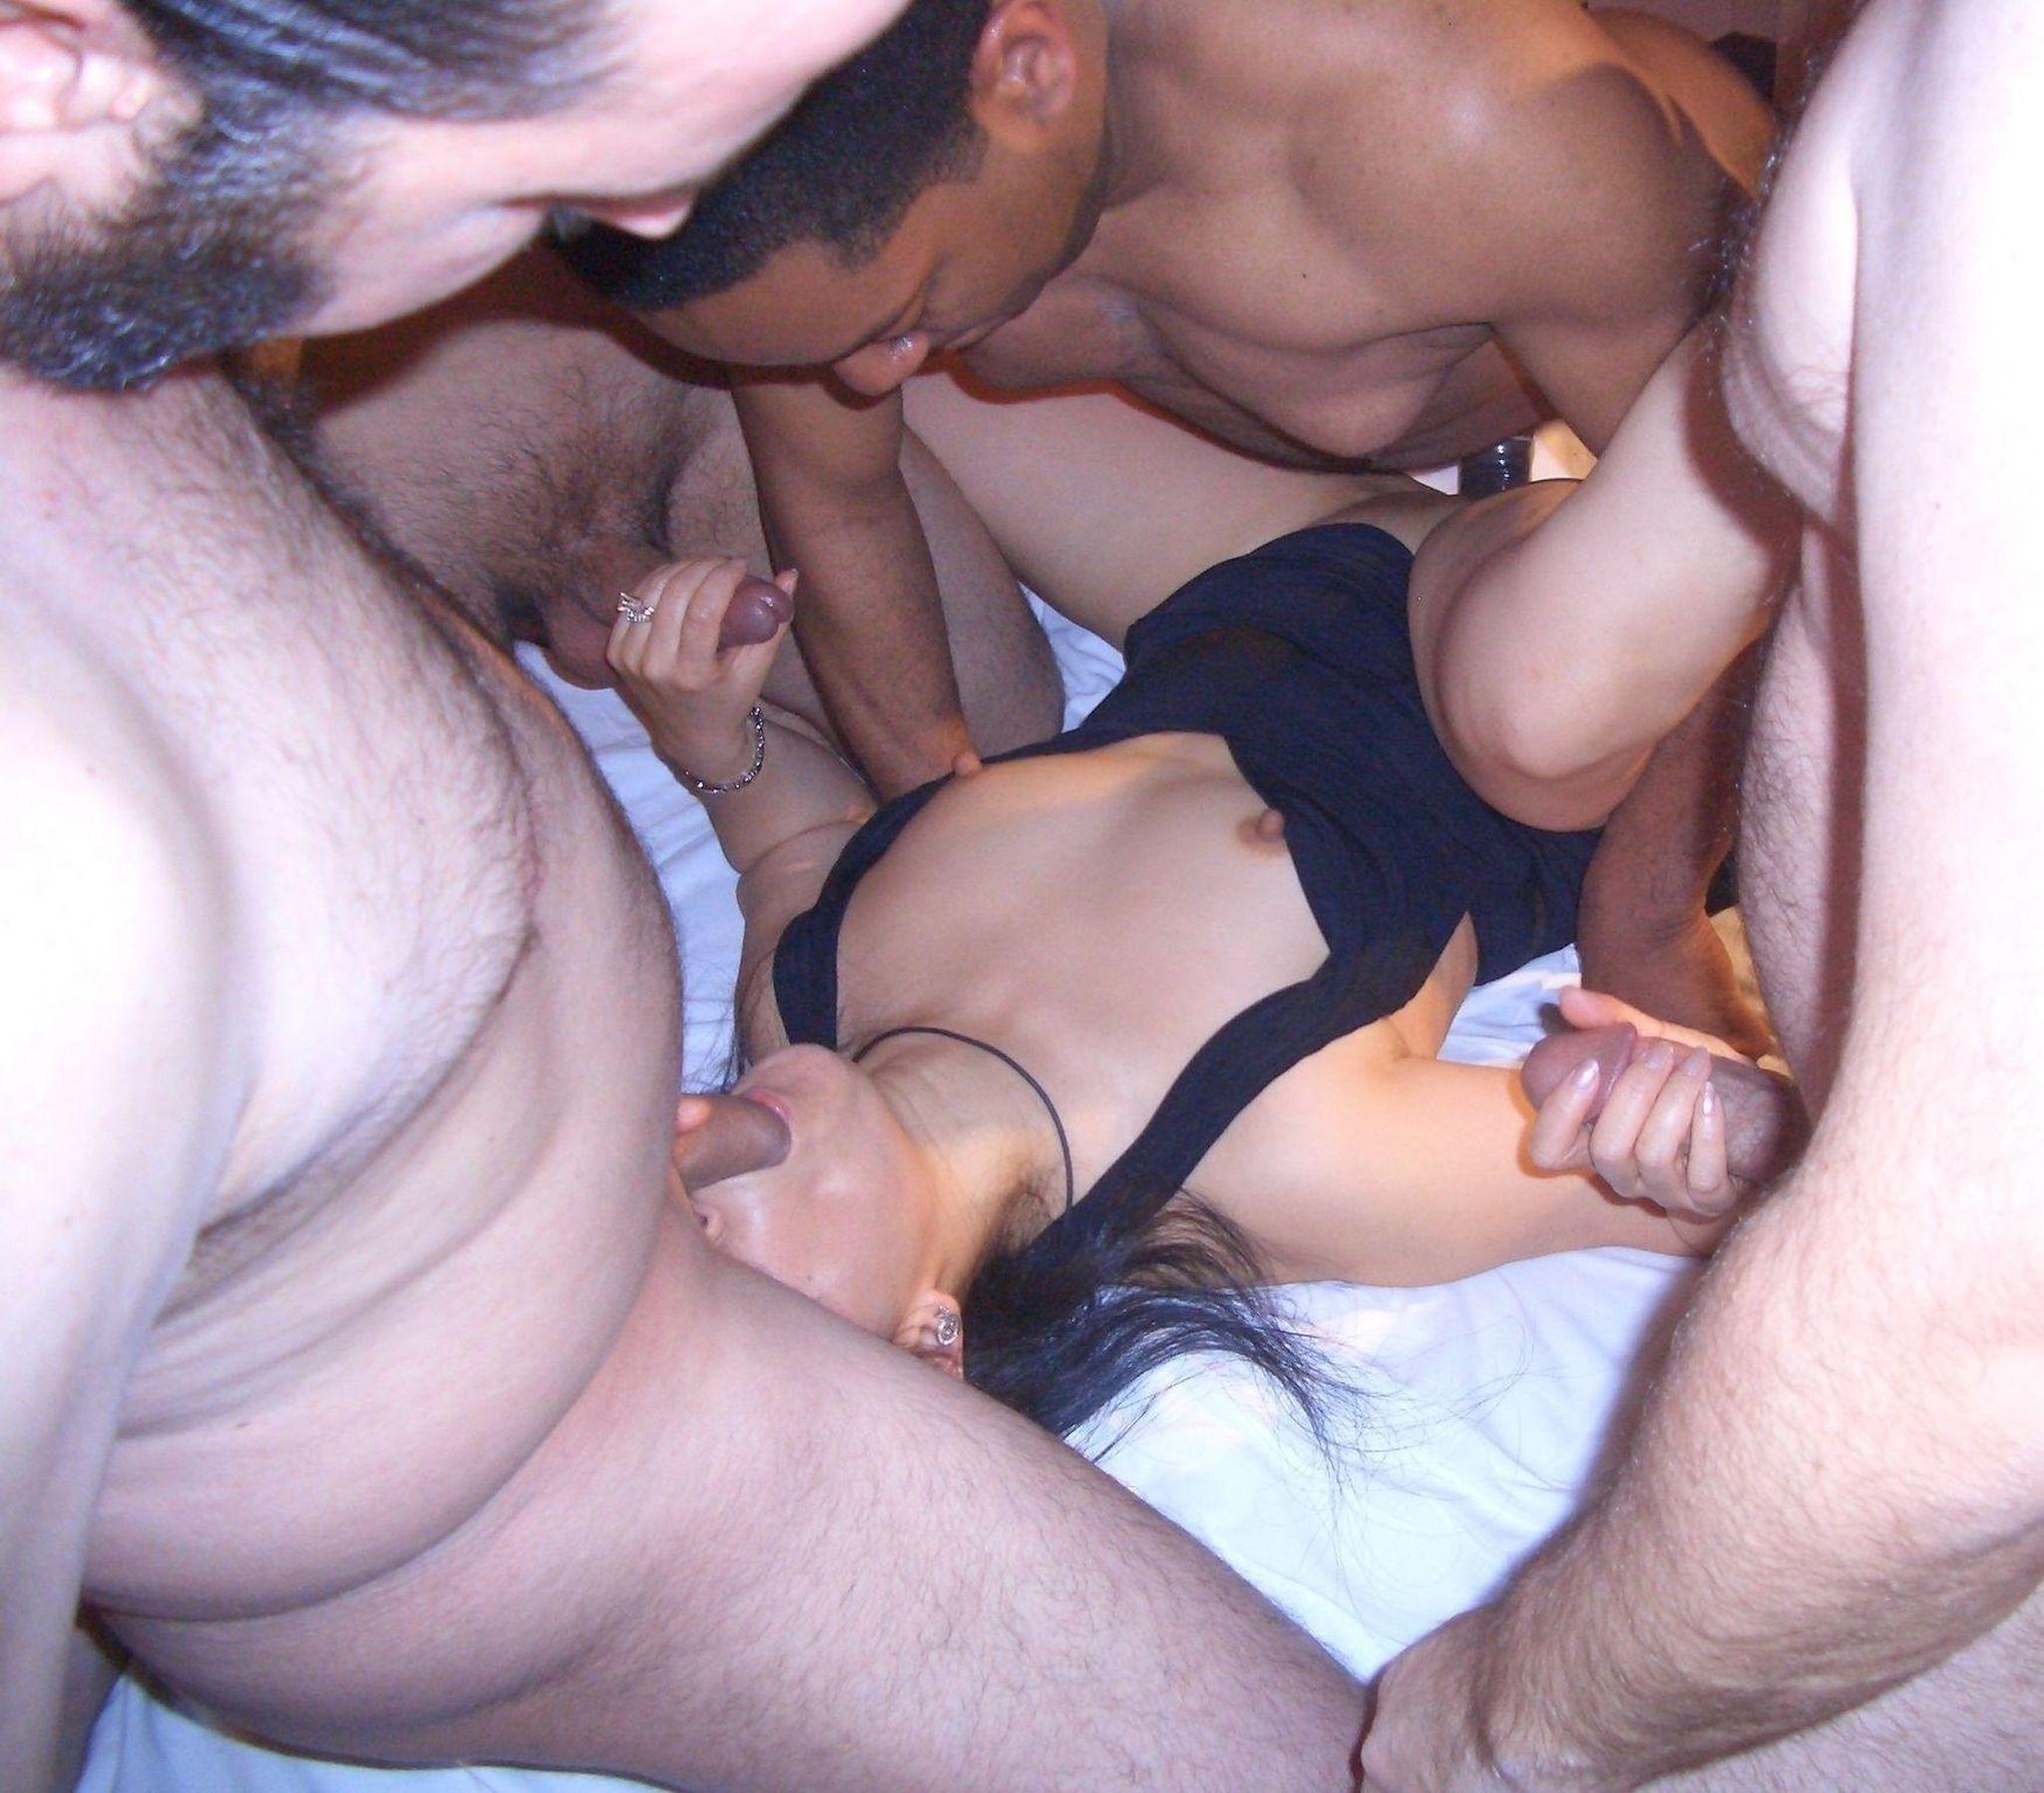 sex gallery Amateur